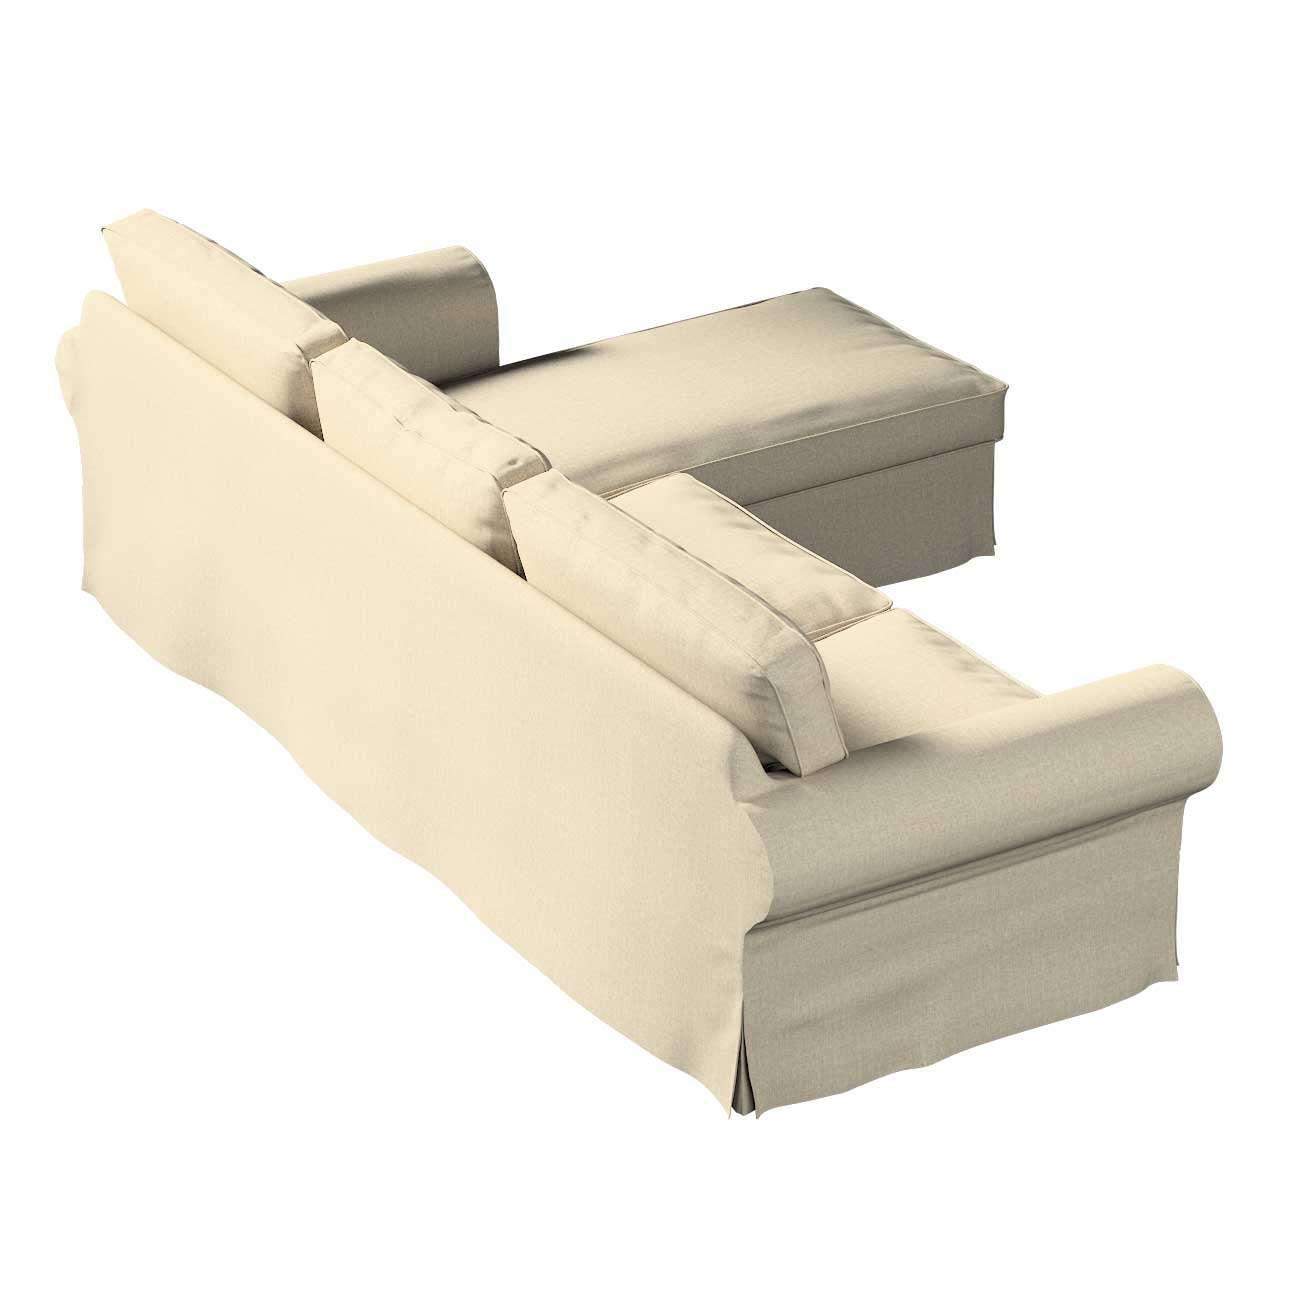 Pokrowiec na sofę Ektorp 2-osobową i leżankę w kolekcji City, tkanina: 704-80